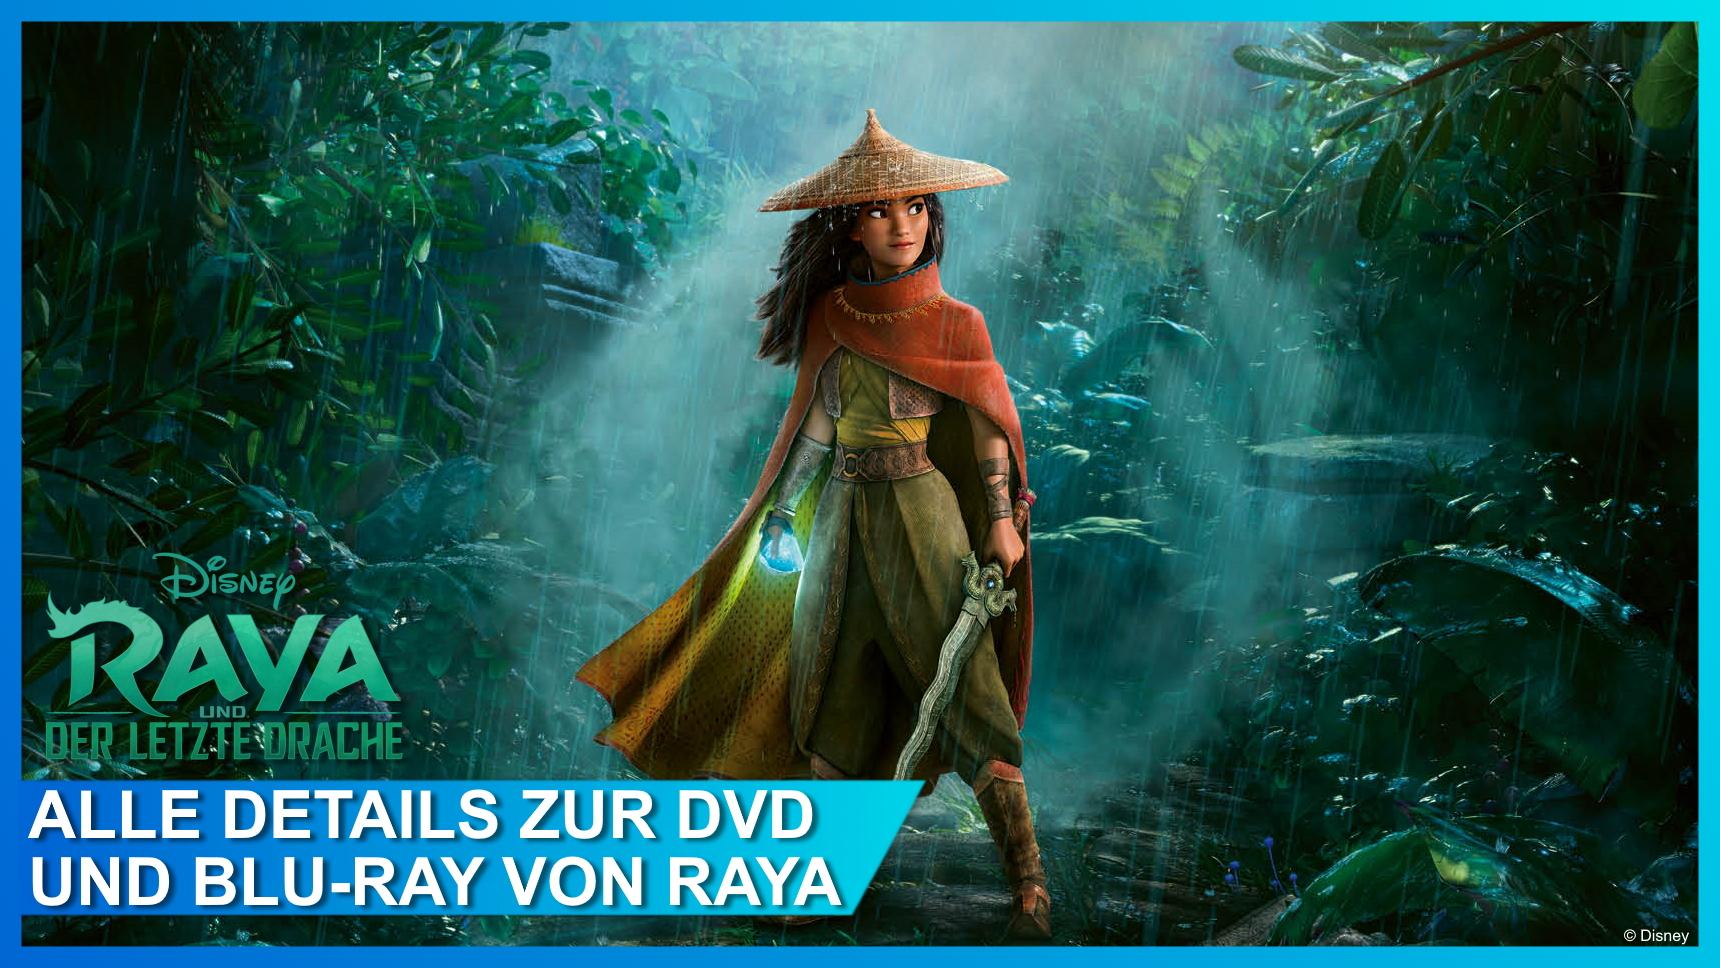 Raya und der letzte Drache DVD und Blu-ray Details